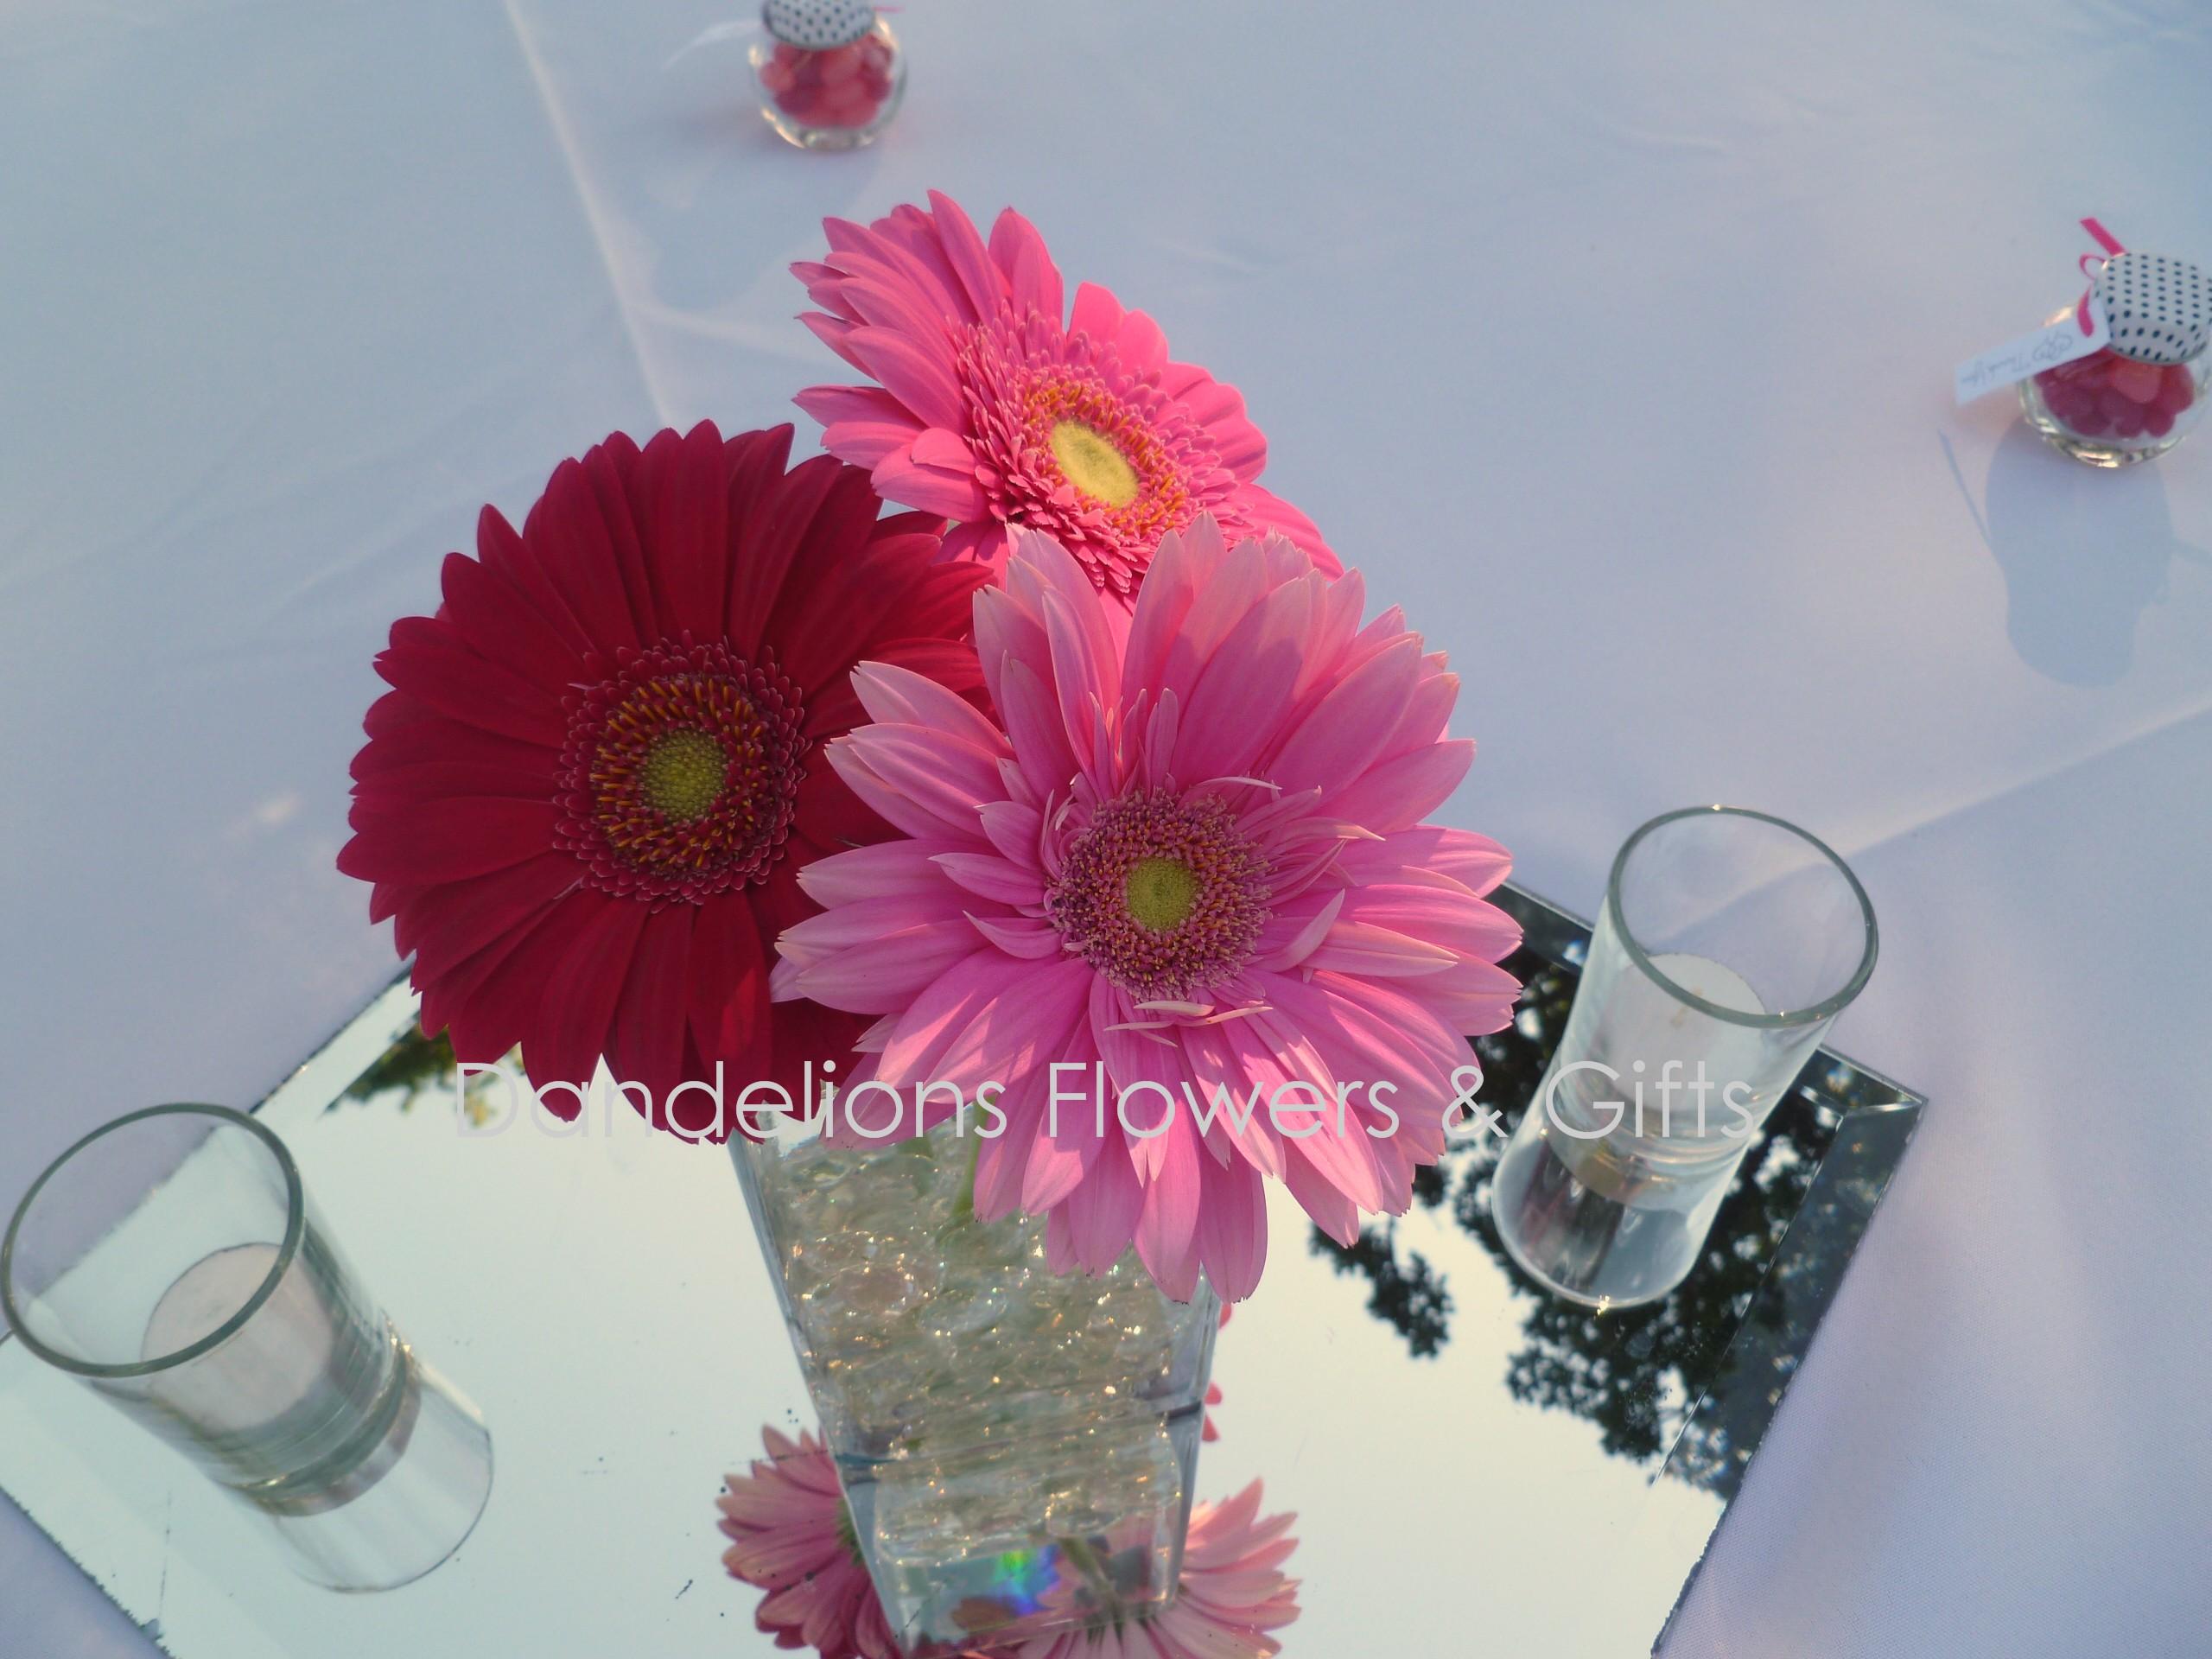 Gerbera daisies dandelions flowers gifts